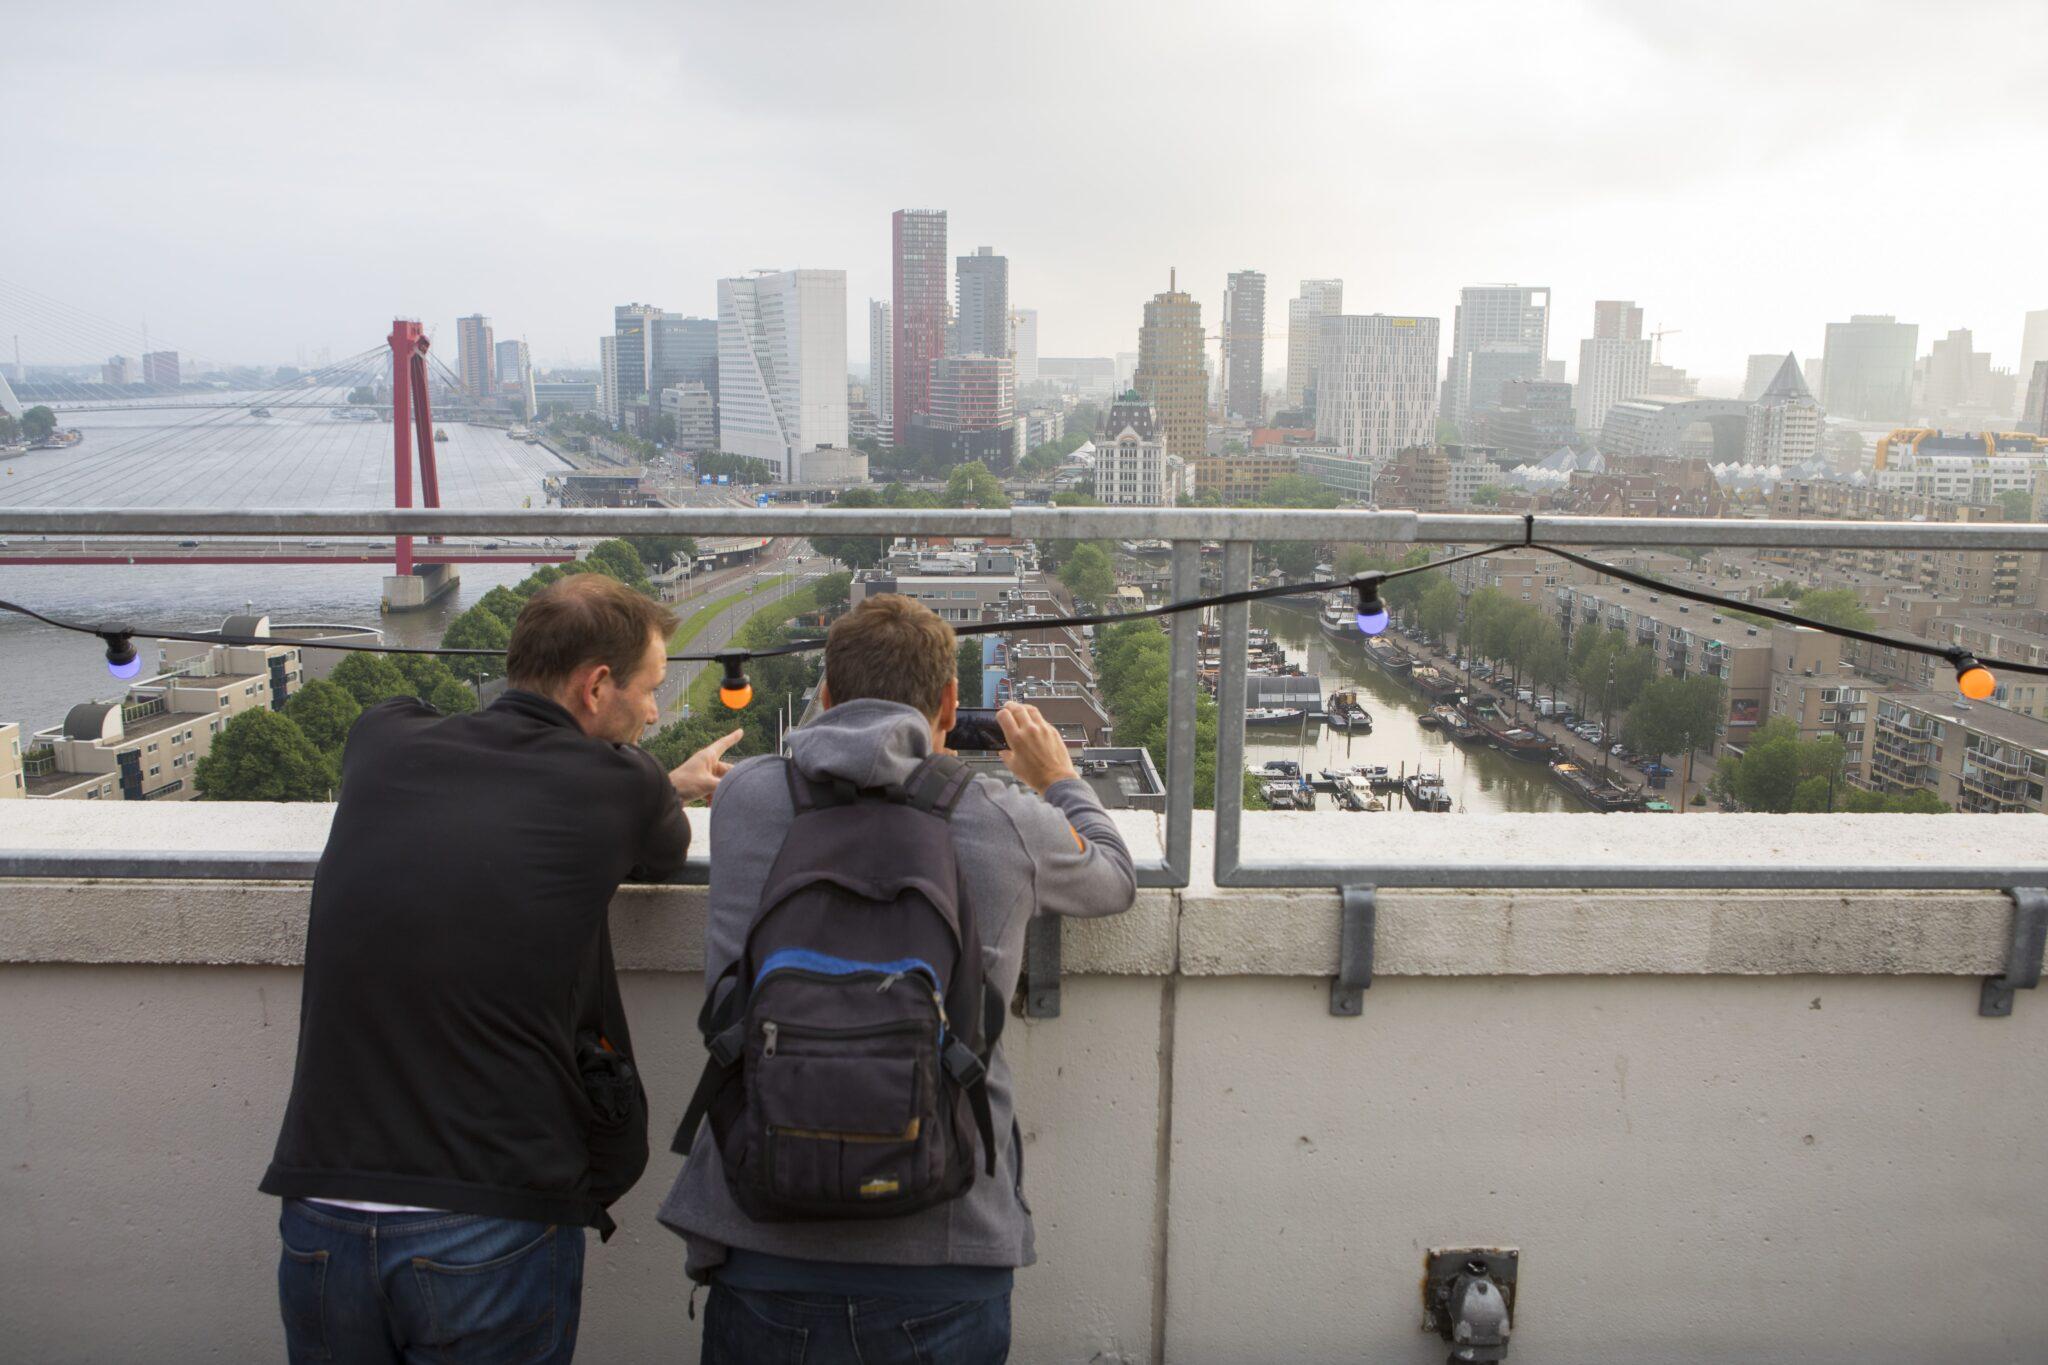 Rotterdamse Dakdagen